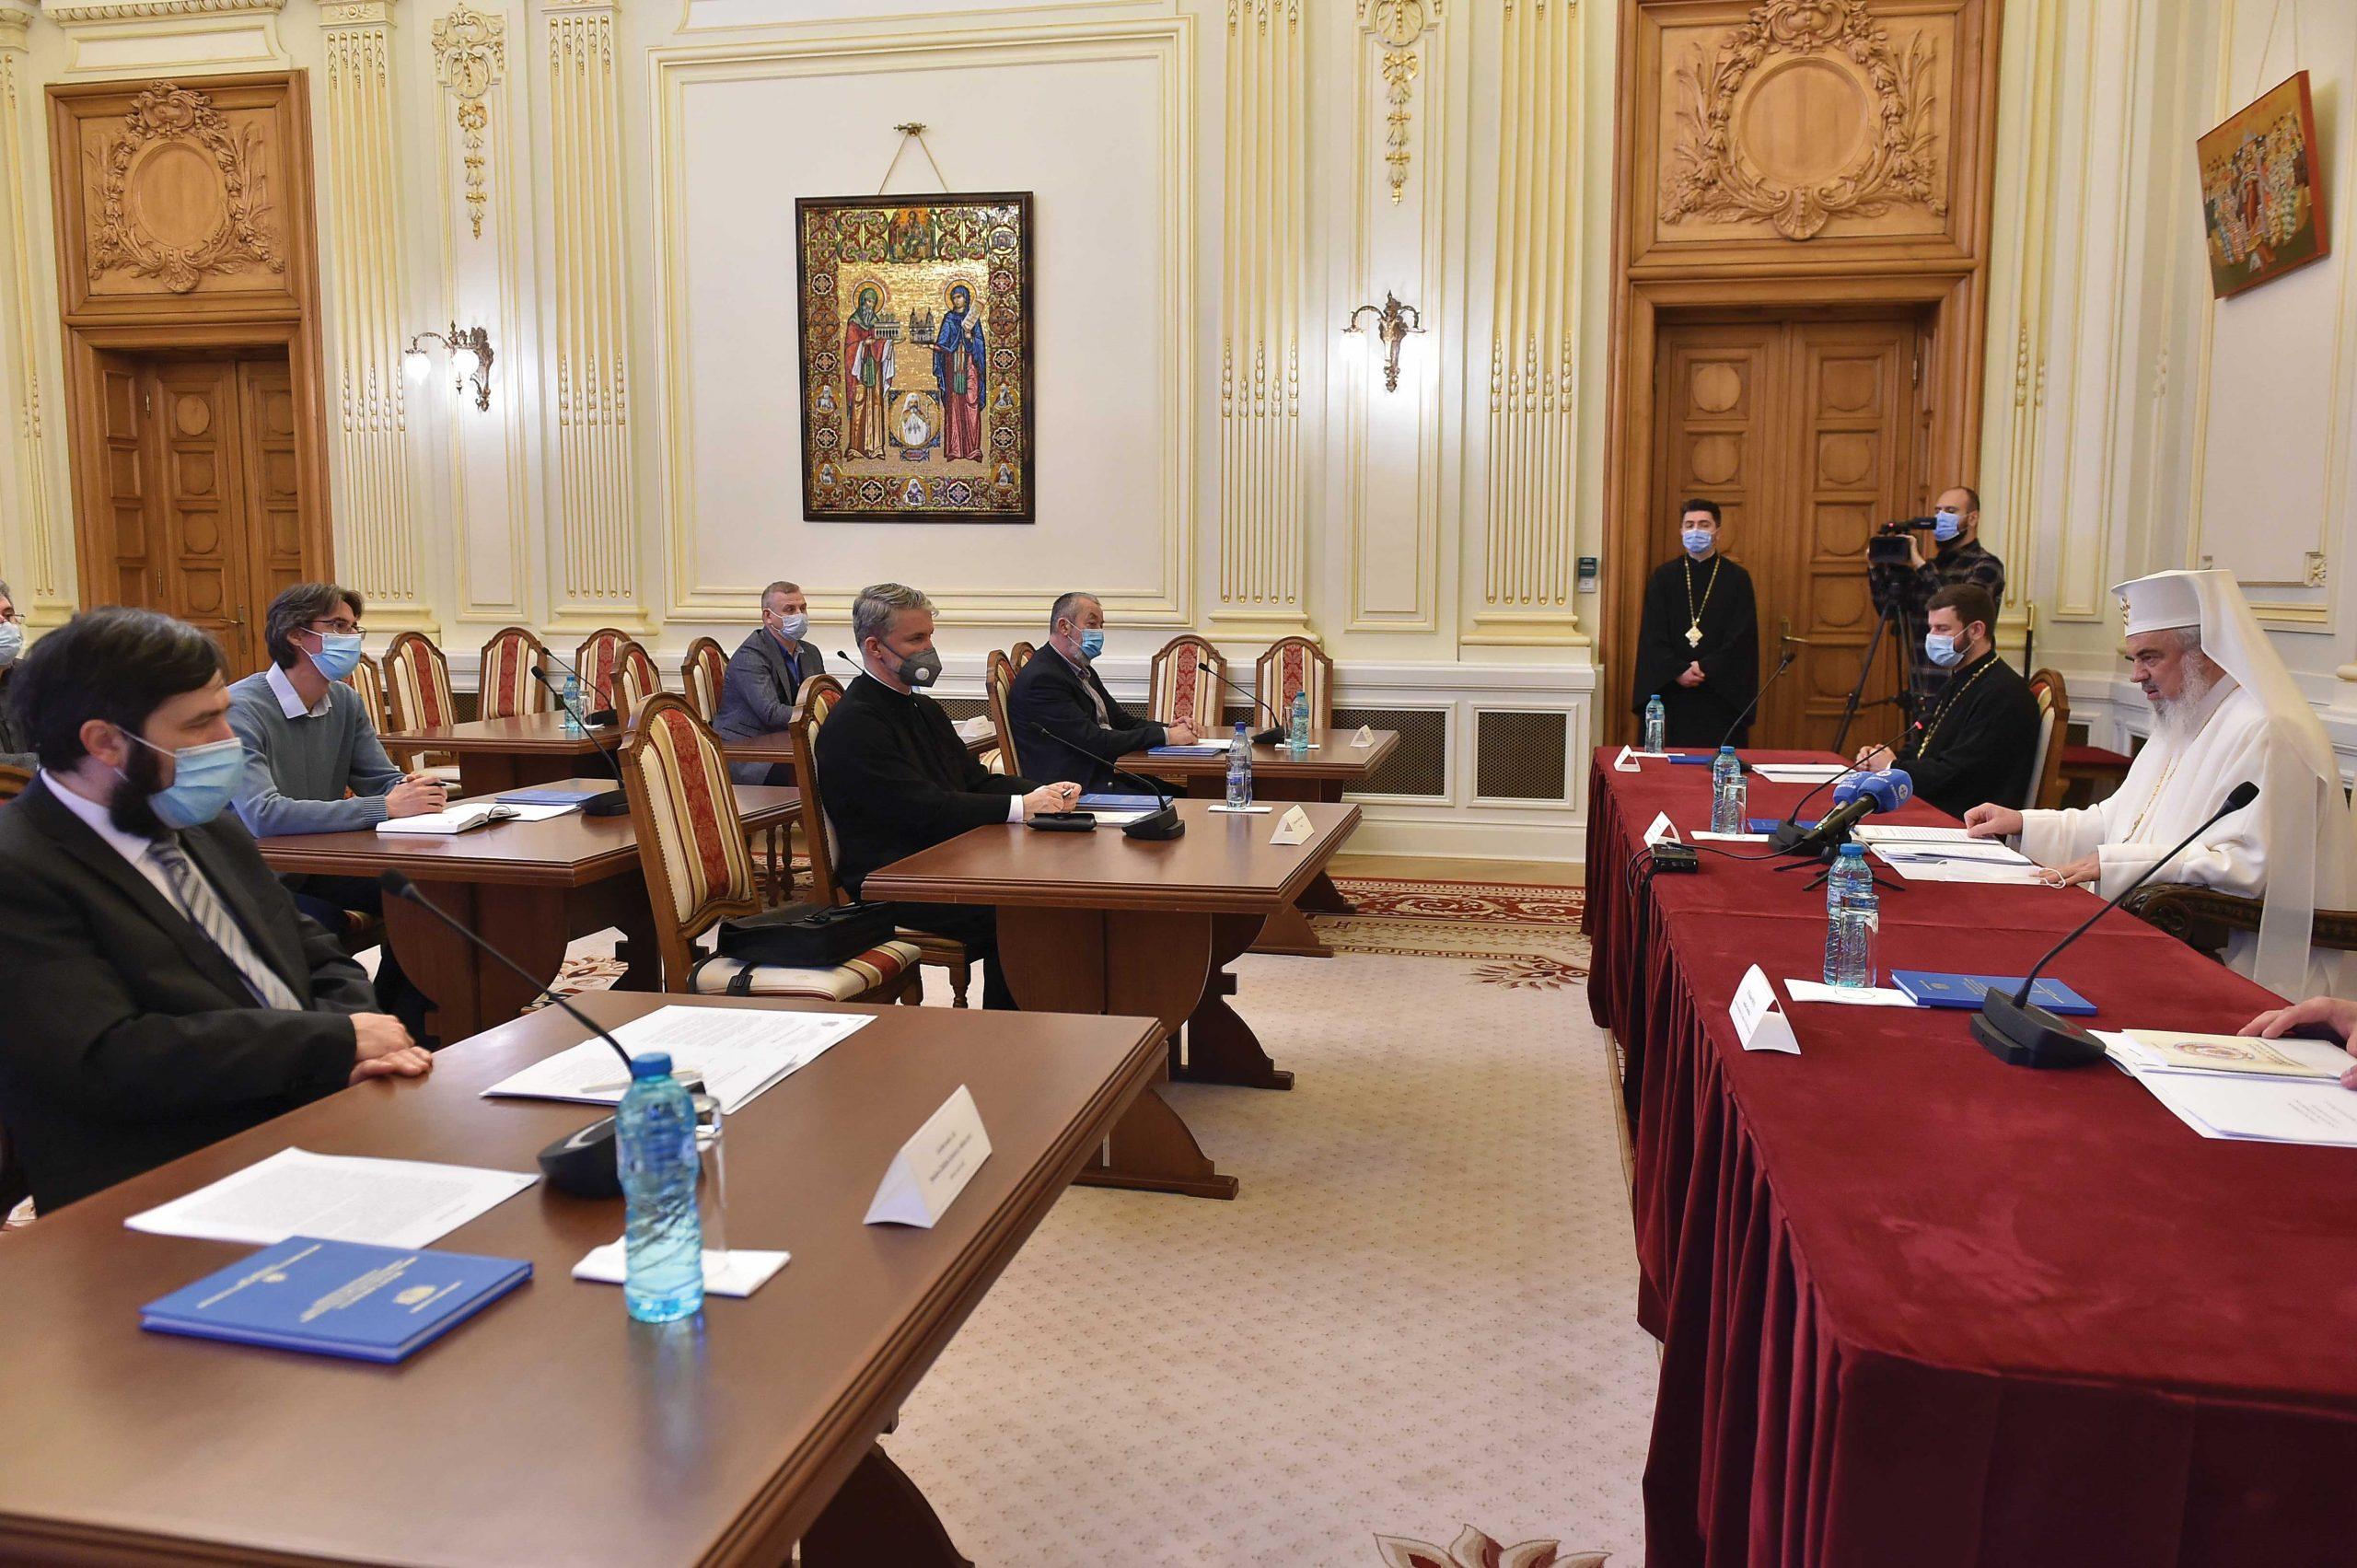 Ședință de constituire  a Comisiei de Pictură Bisericească